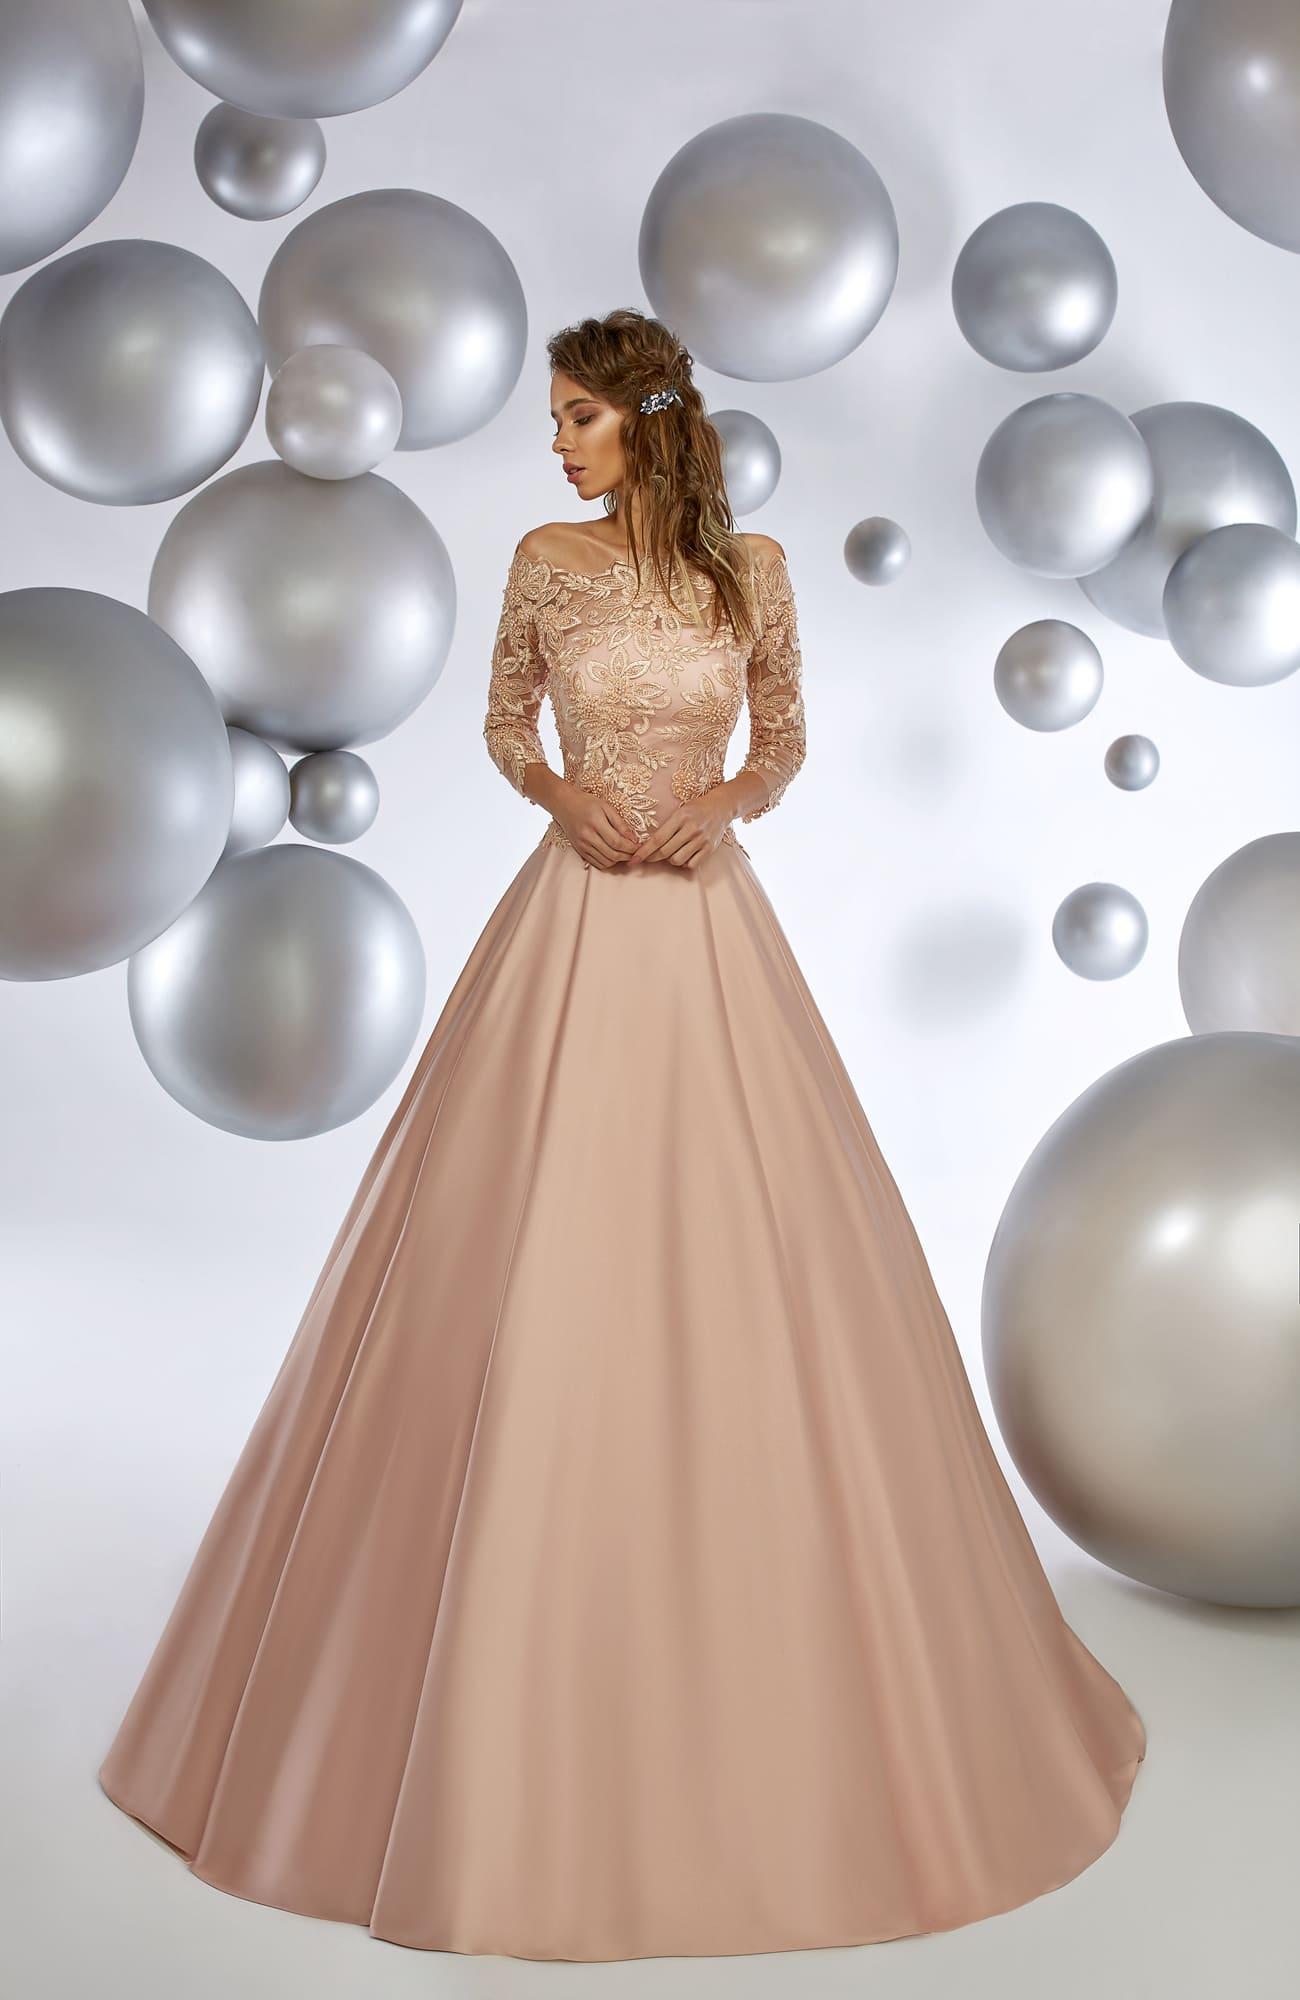 127e114bbc17958 Вечернее платье Armonia Strawberry Ice. 🔍. new. Пышное вечернее платье  кремового цвета с кружевной отделкой по лифу.